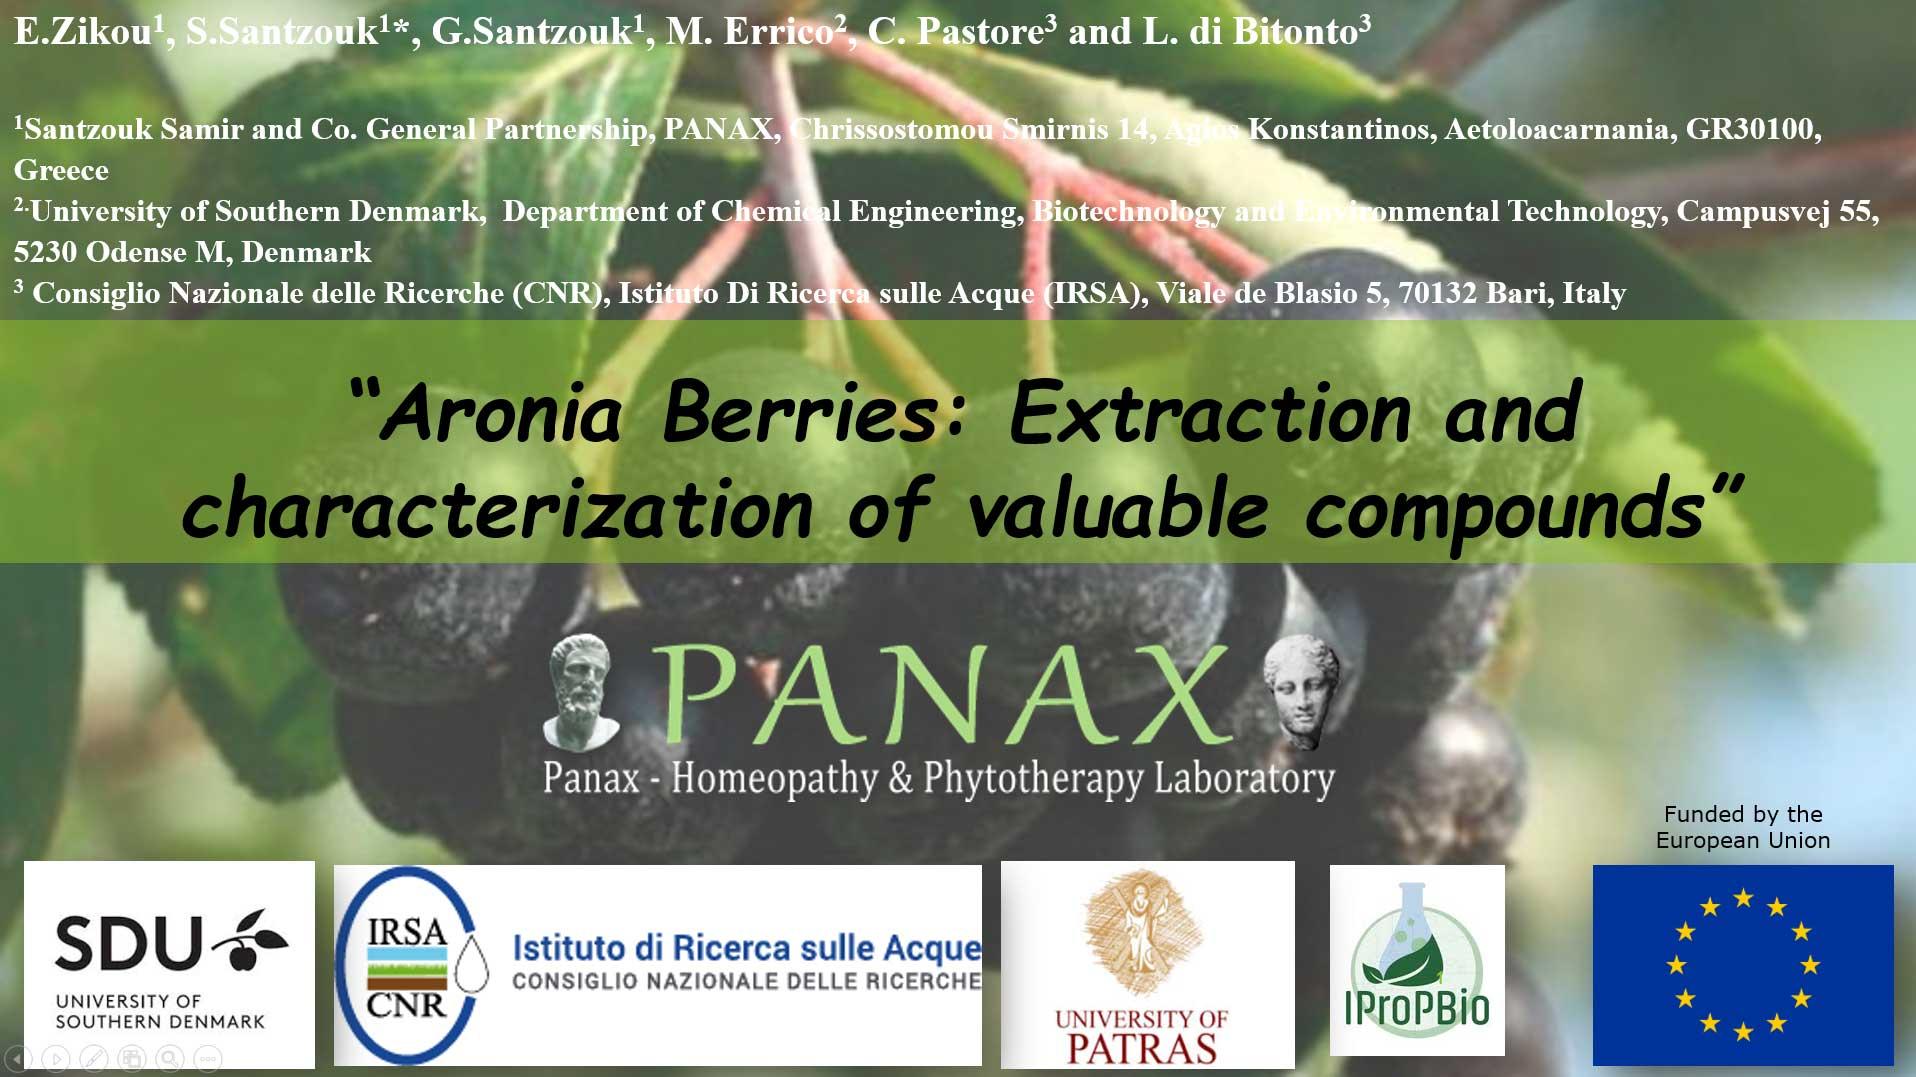 Aronia-berries---panax